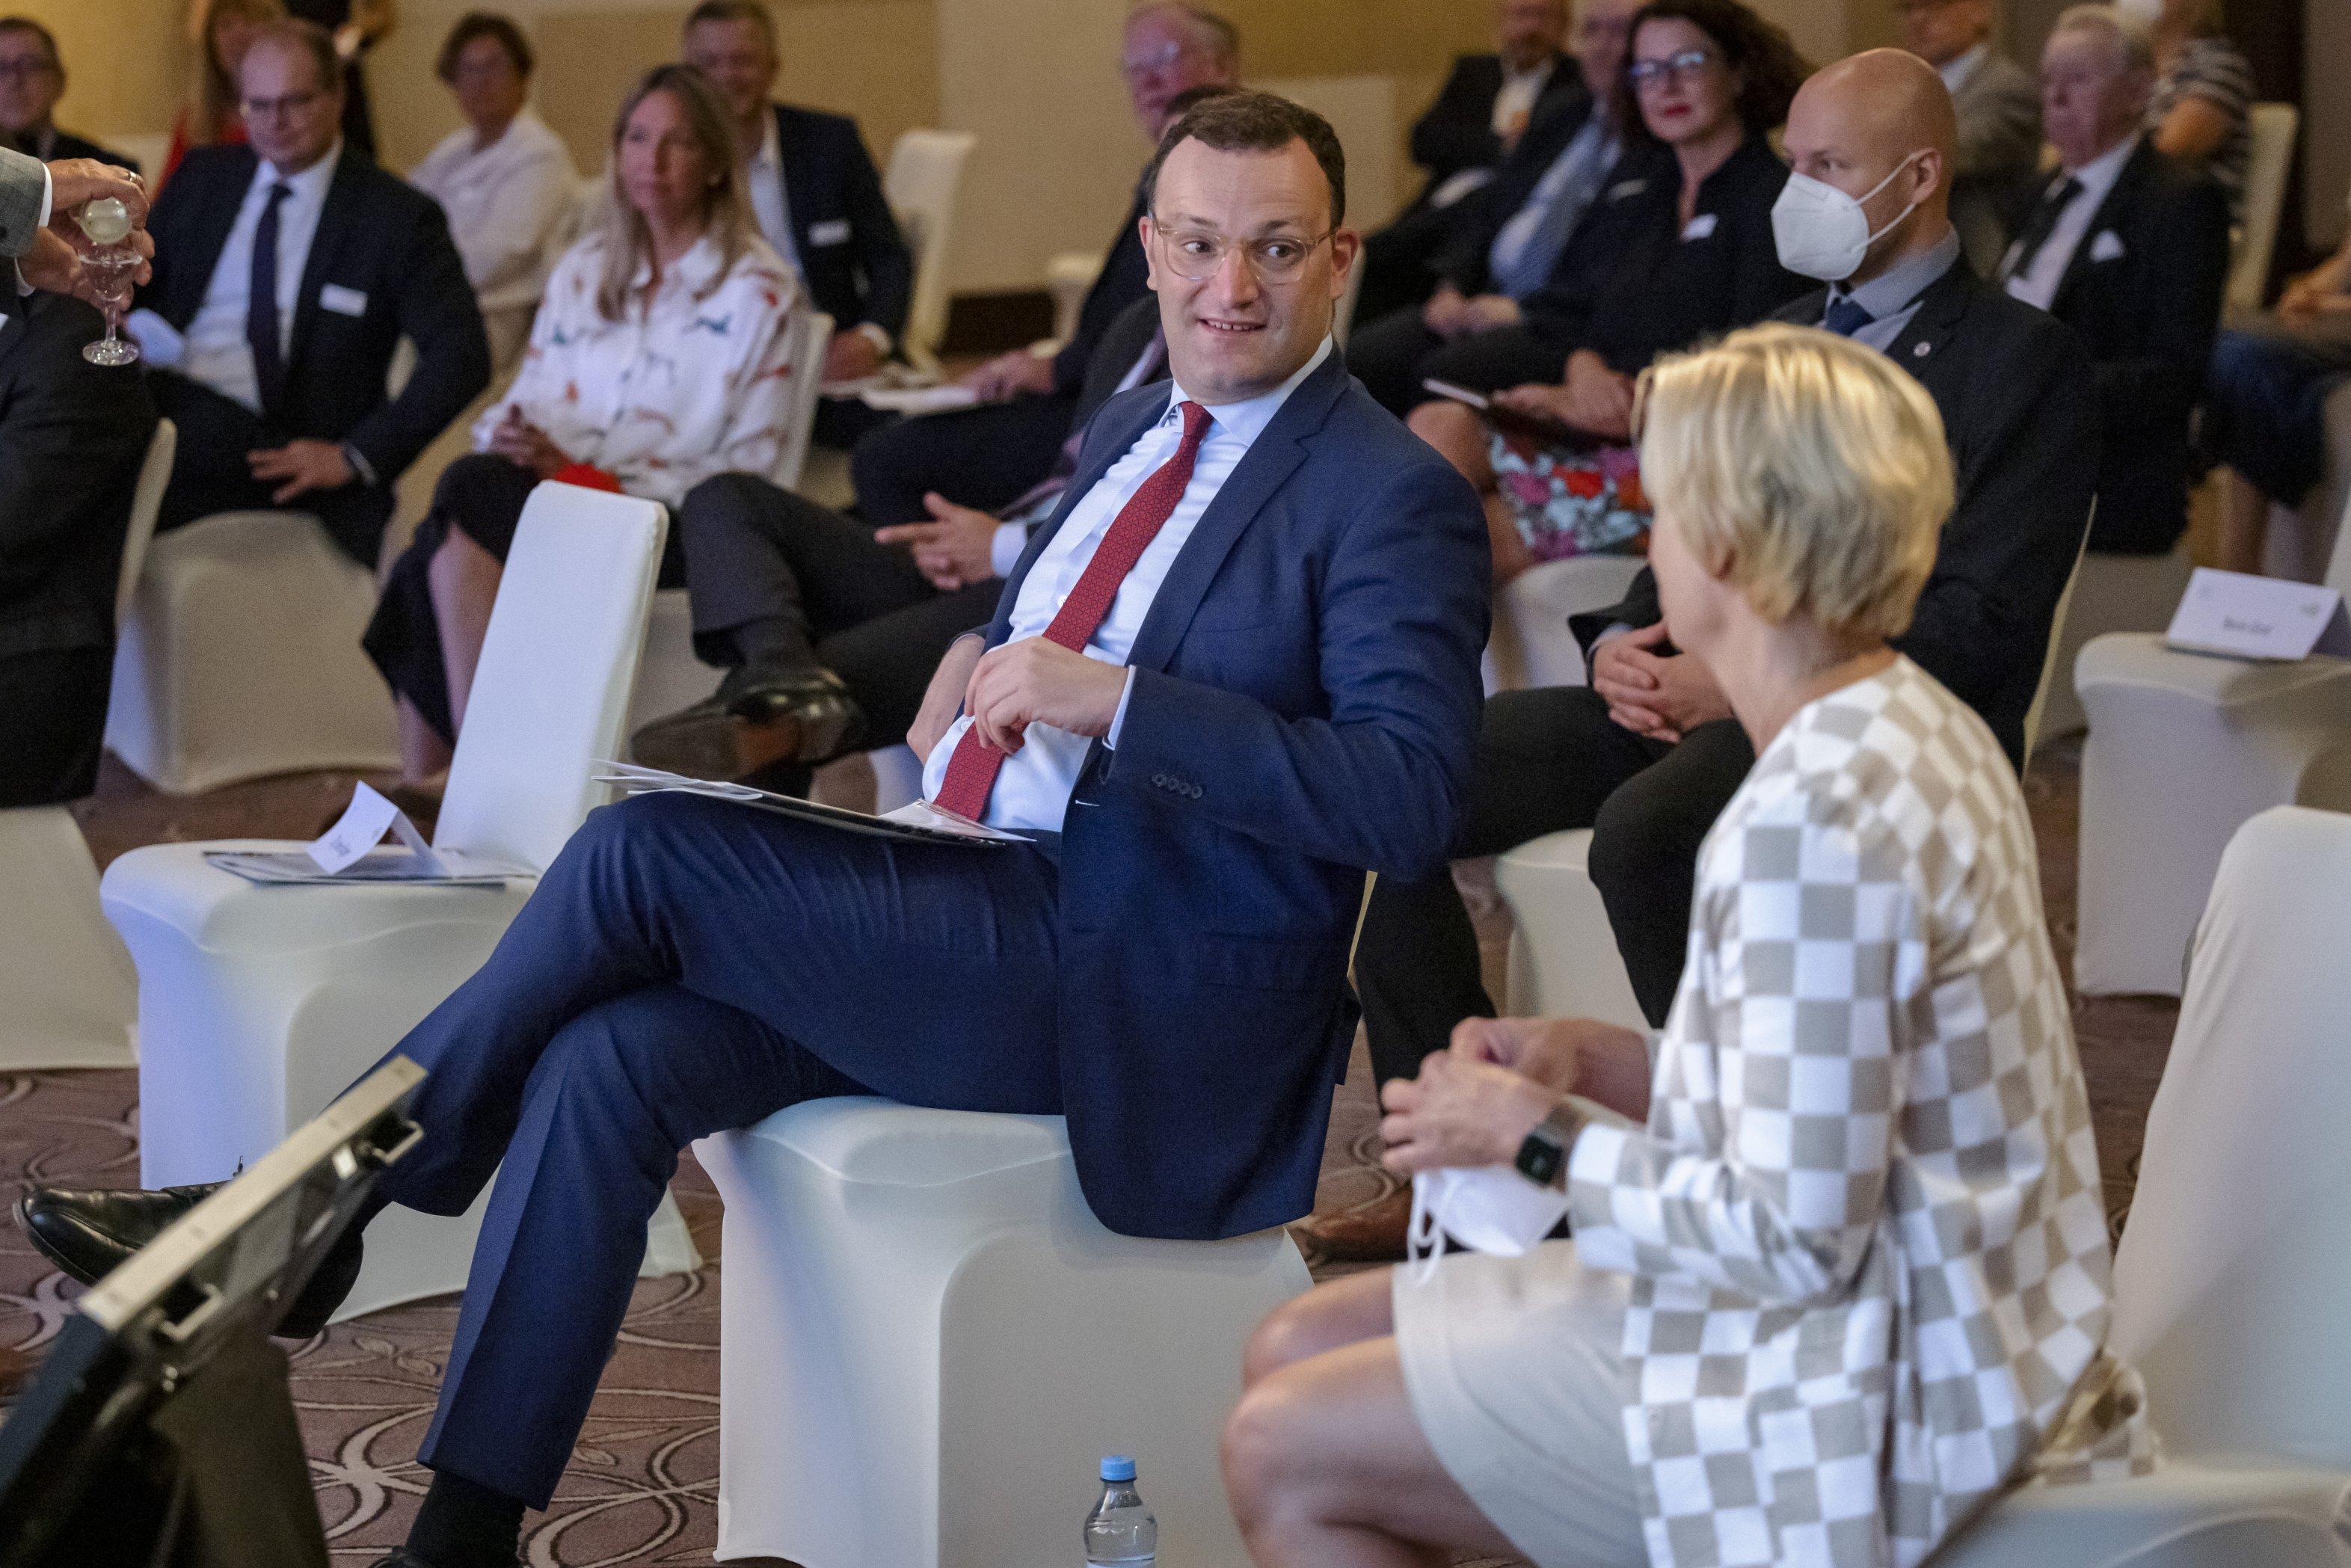 Event 100 Jahre Insulin: Jens Spahn und Nicole Mattig-Fabian im Gespräch